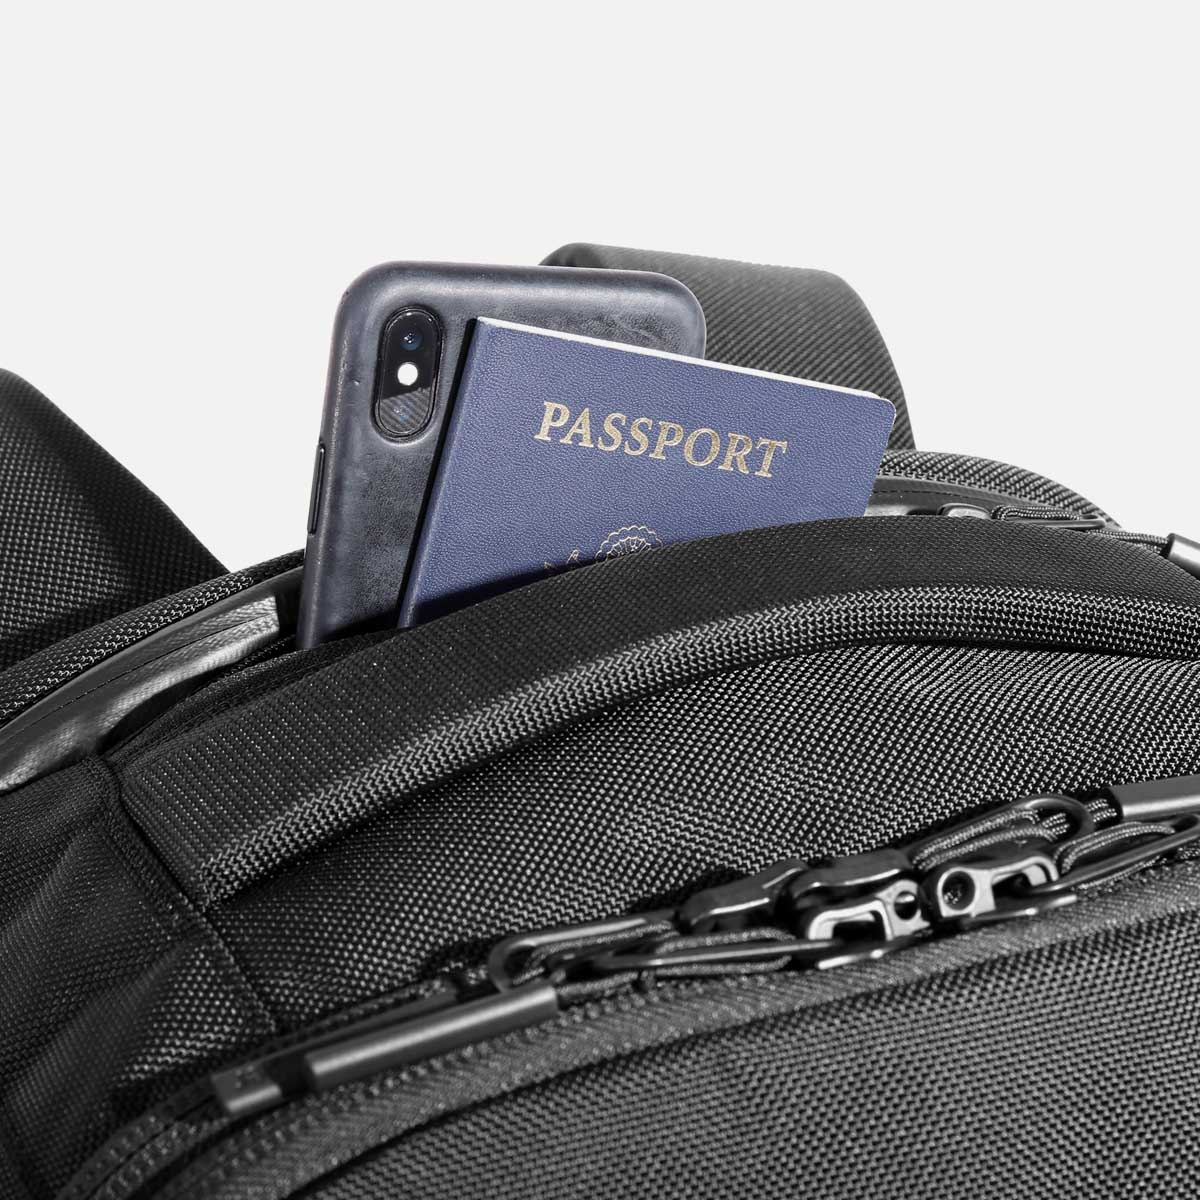 AER21022_travelpack2small_passport.jpg